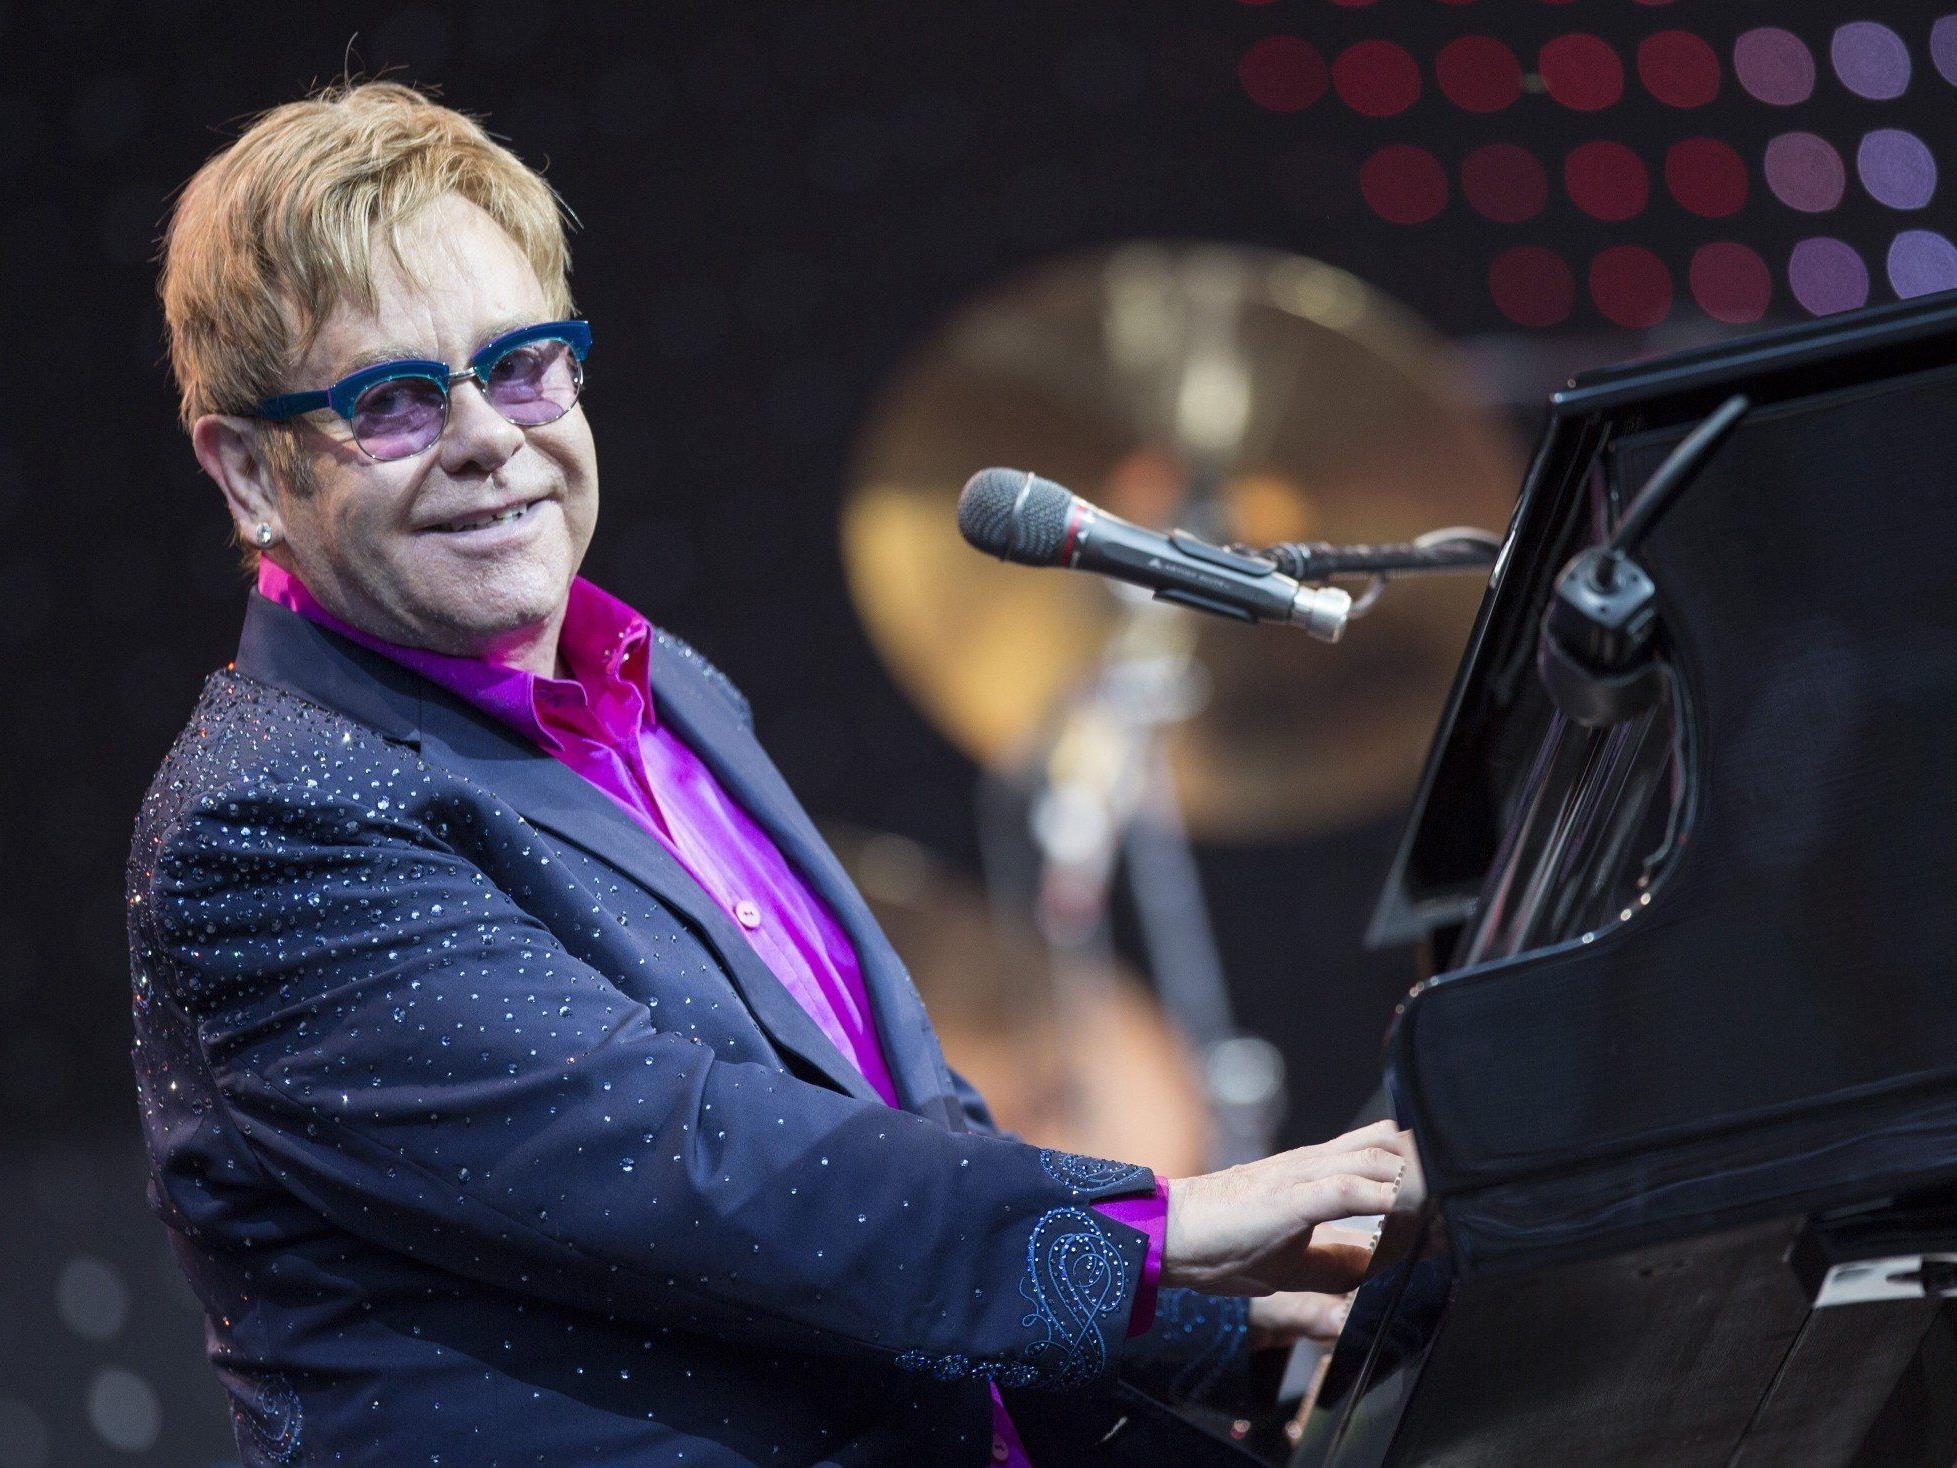 Während eines Konzertes in Berlin widmete Elton John Angela Merkel ein Lied.